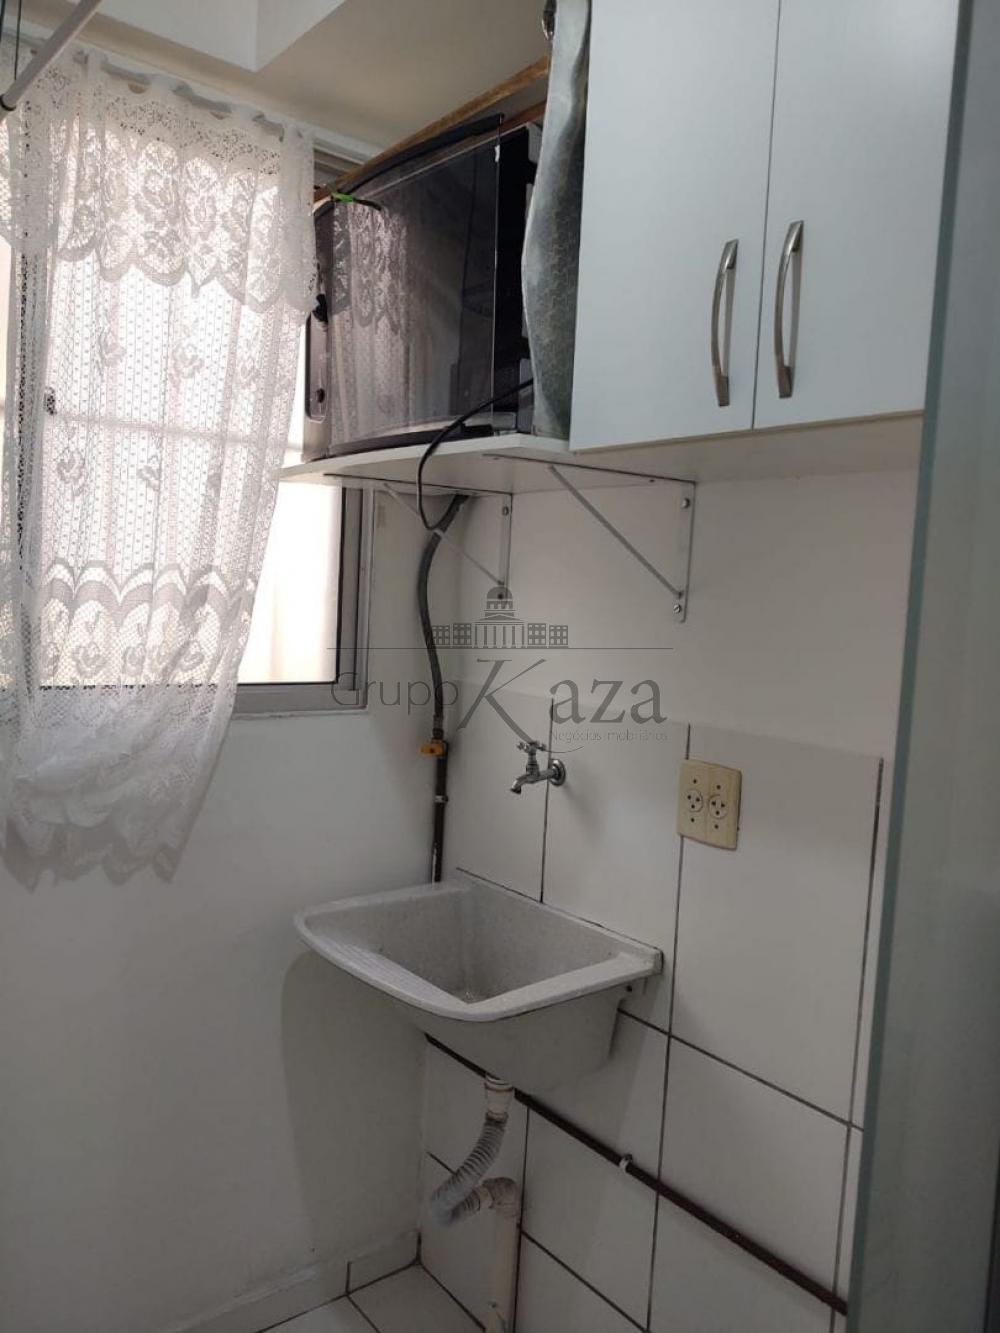 Alugar Apartamento / Padrão em São José dos Campos R$ 1.350,00 - Foto 6